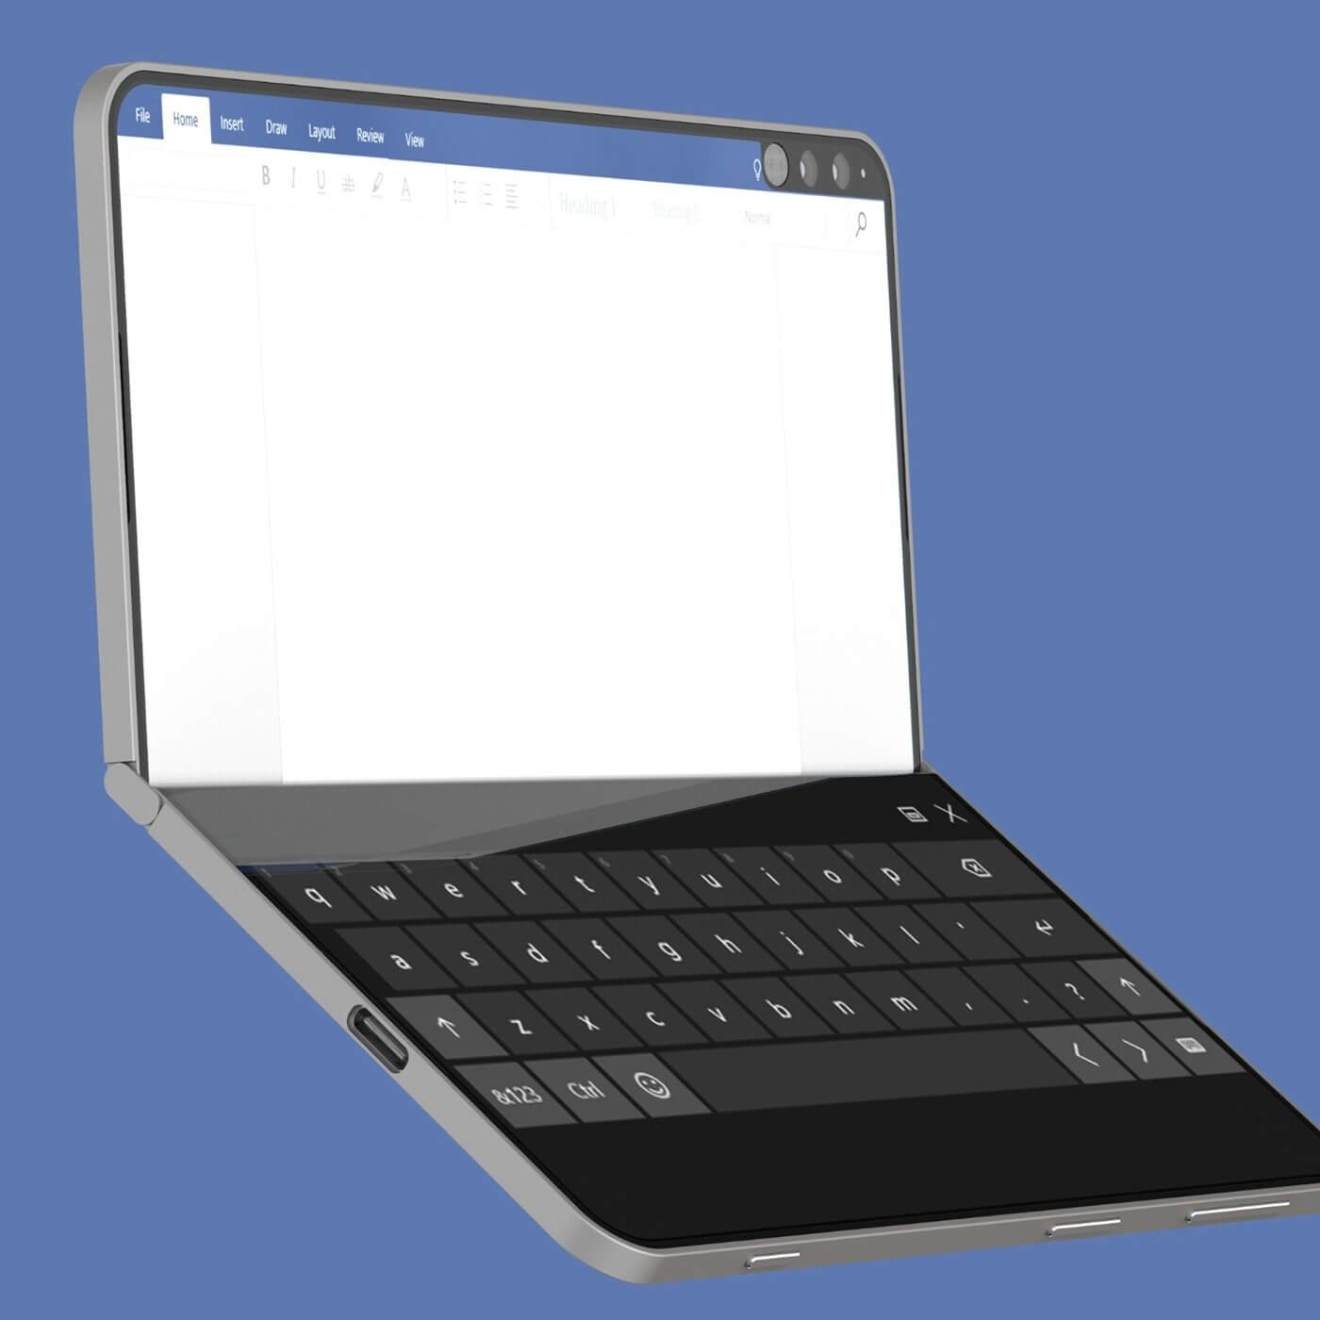 id297408 - Vazamento mostra dispositivo da Microsoft com Snapdragon 845 em 2018